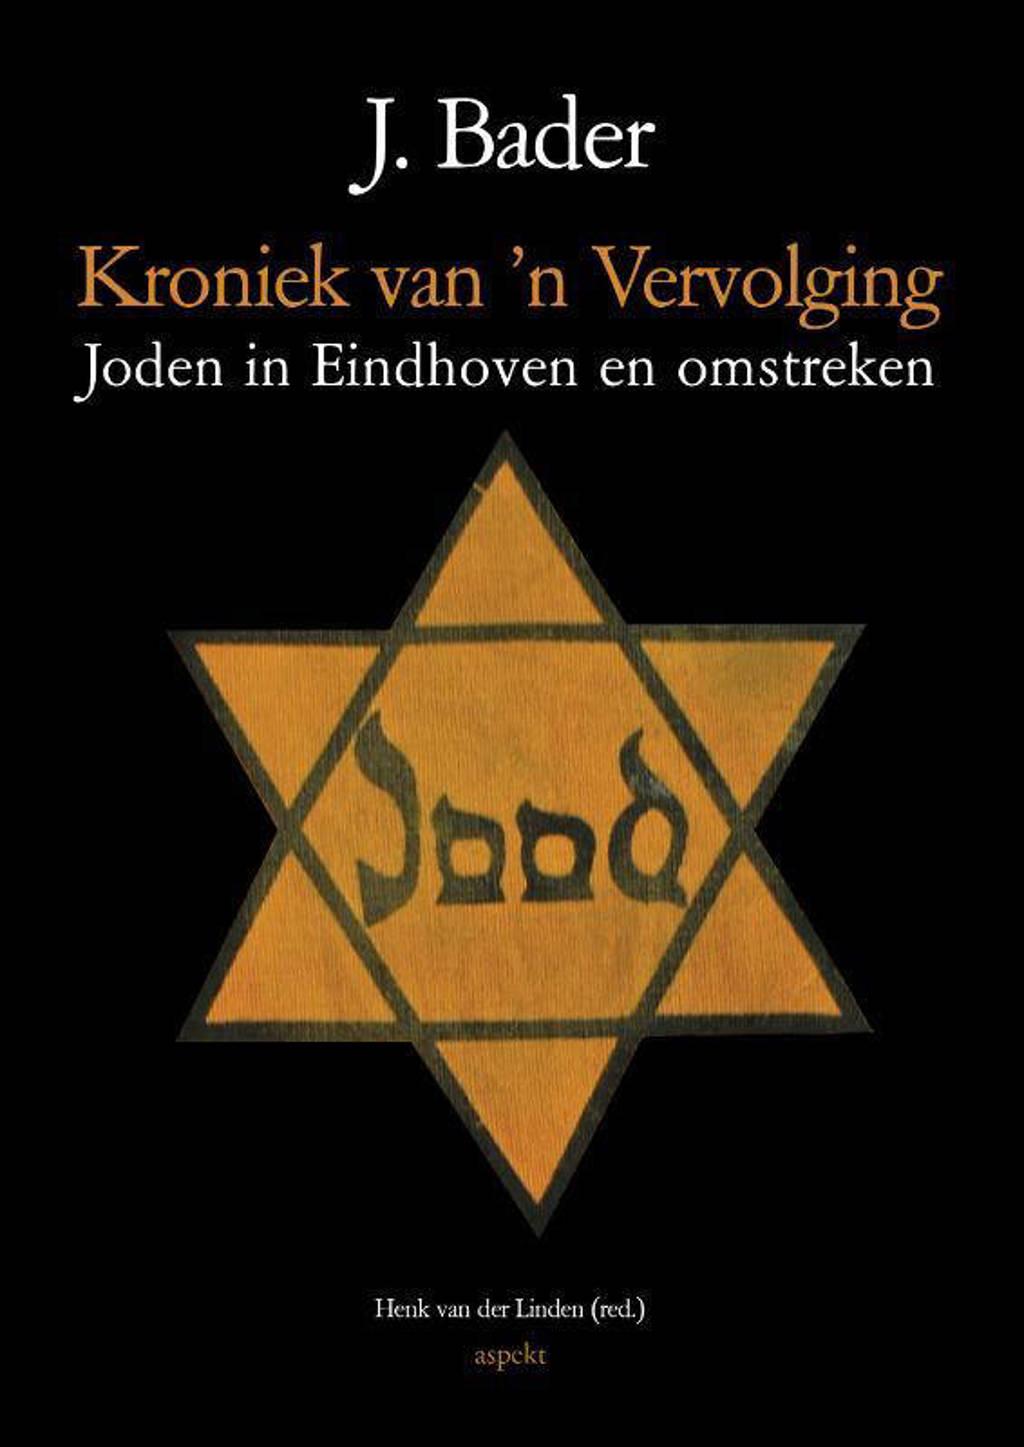 Kroniek van 'n Vervolging - J. Bader